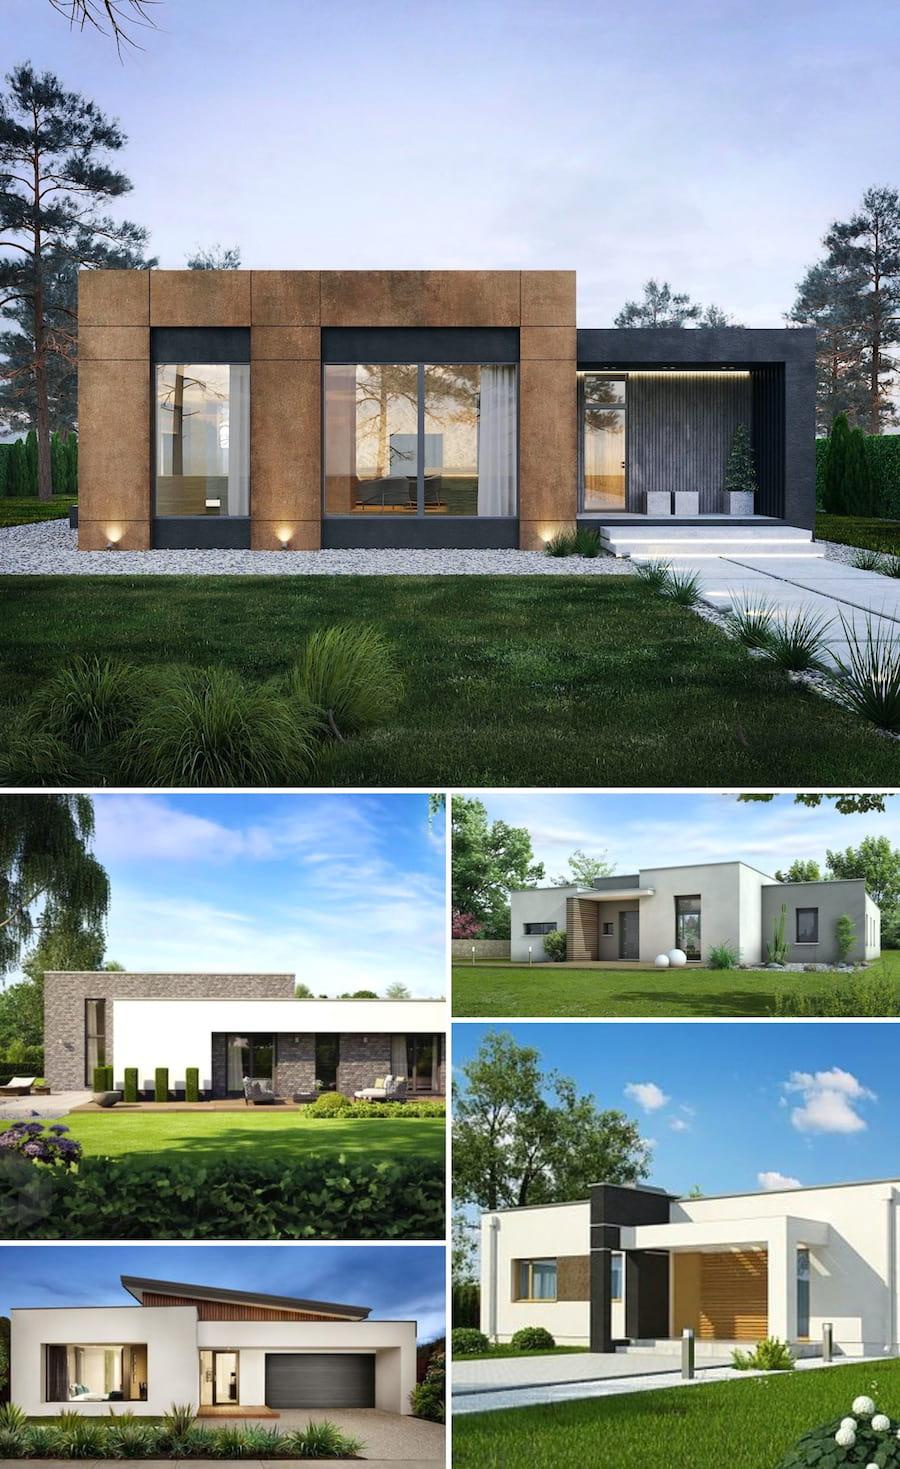 проект дома с плоской крышей фото 51